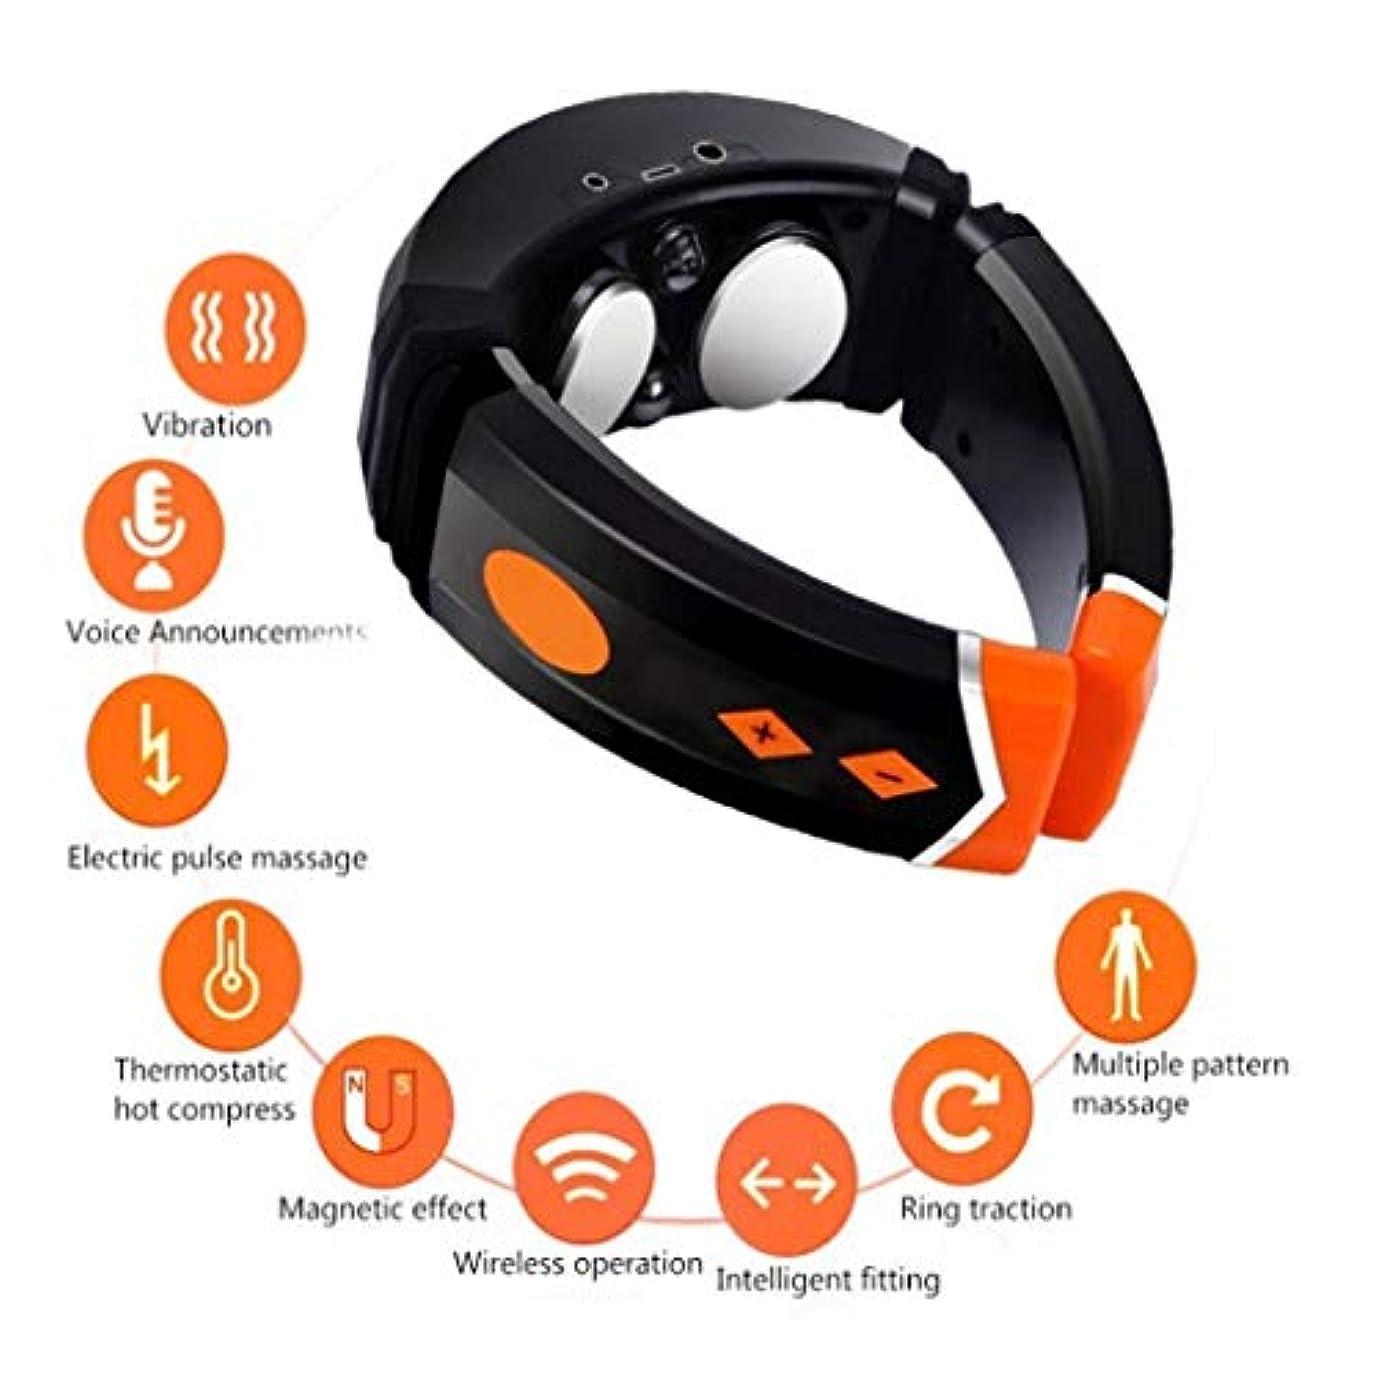 補償卵仲間首のマッサージャー、3D首のマッサージャー、ストレスや痛みを和らげる暖房/音声放送/Bluetooth音楽/多機能マッサージ